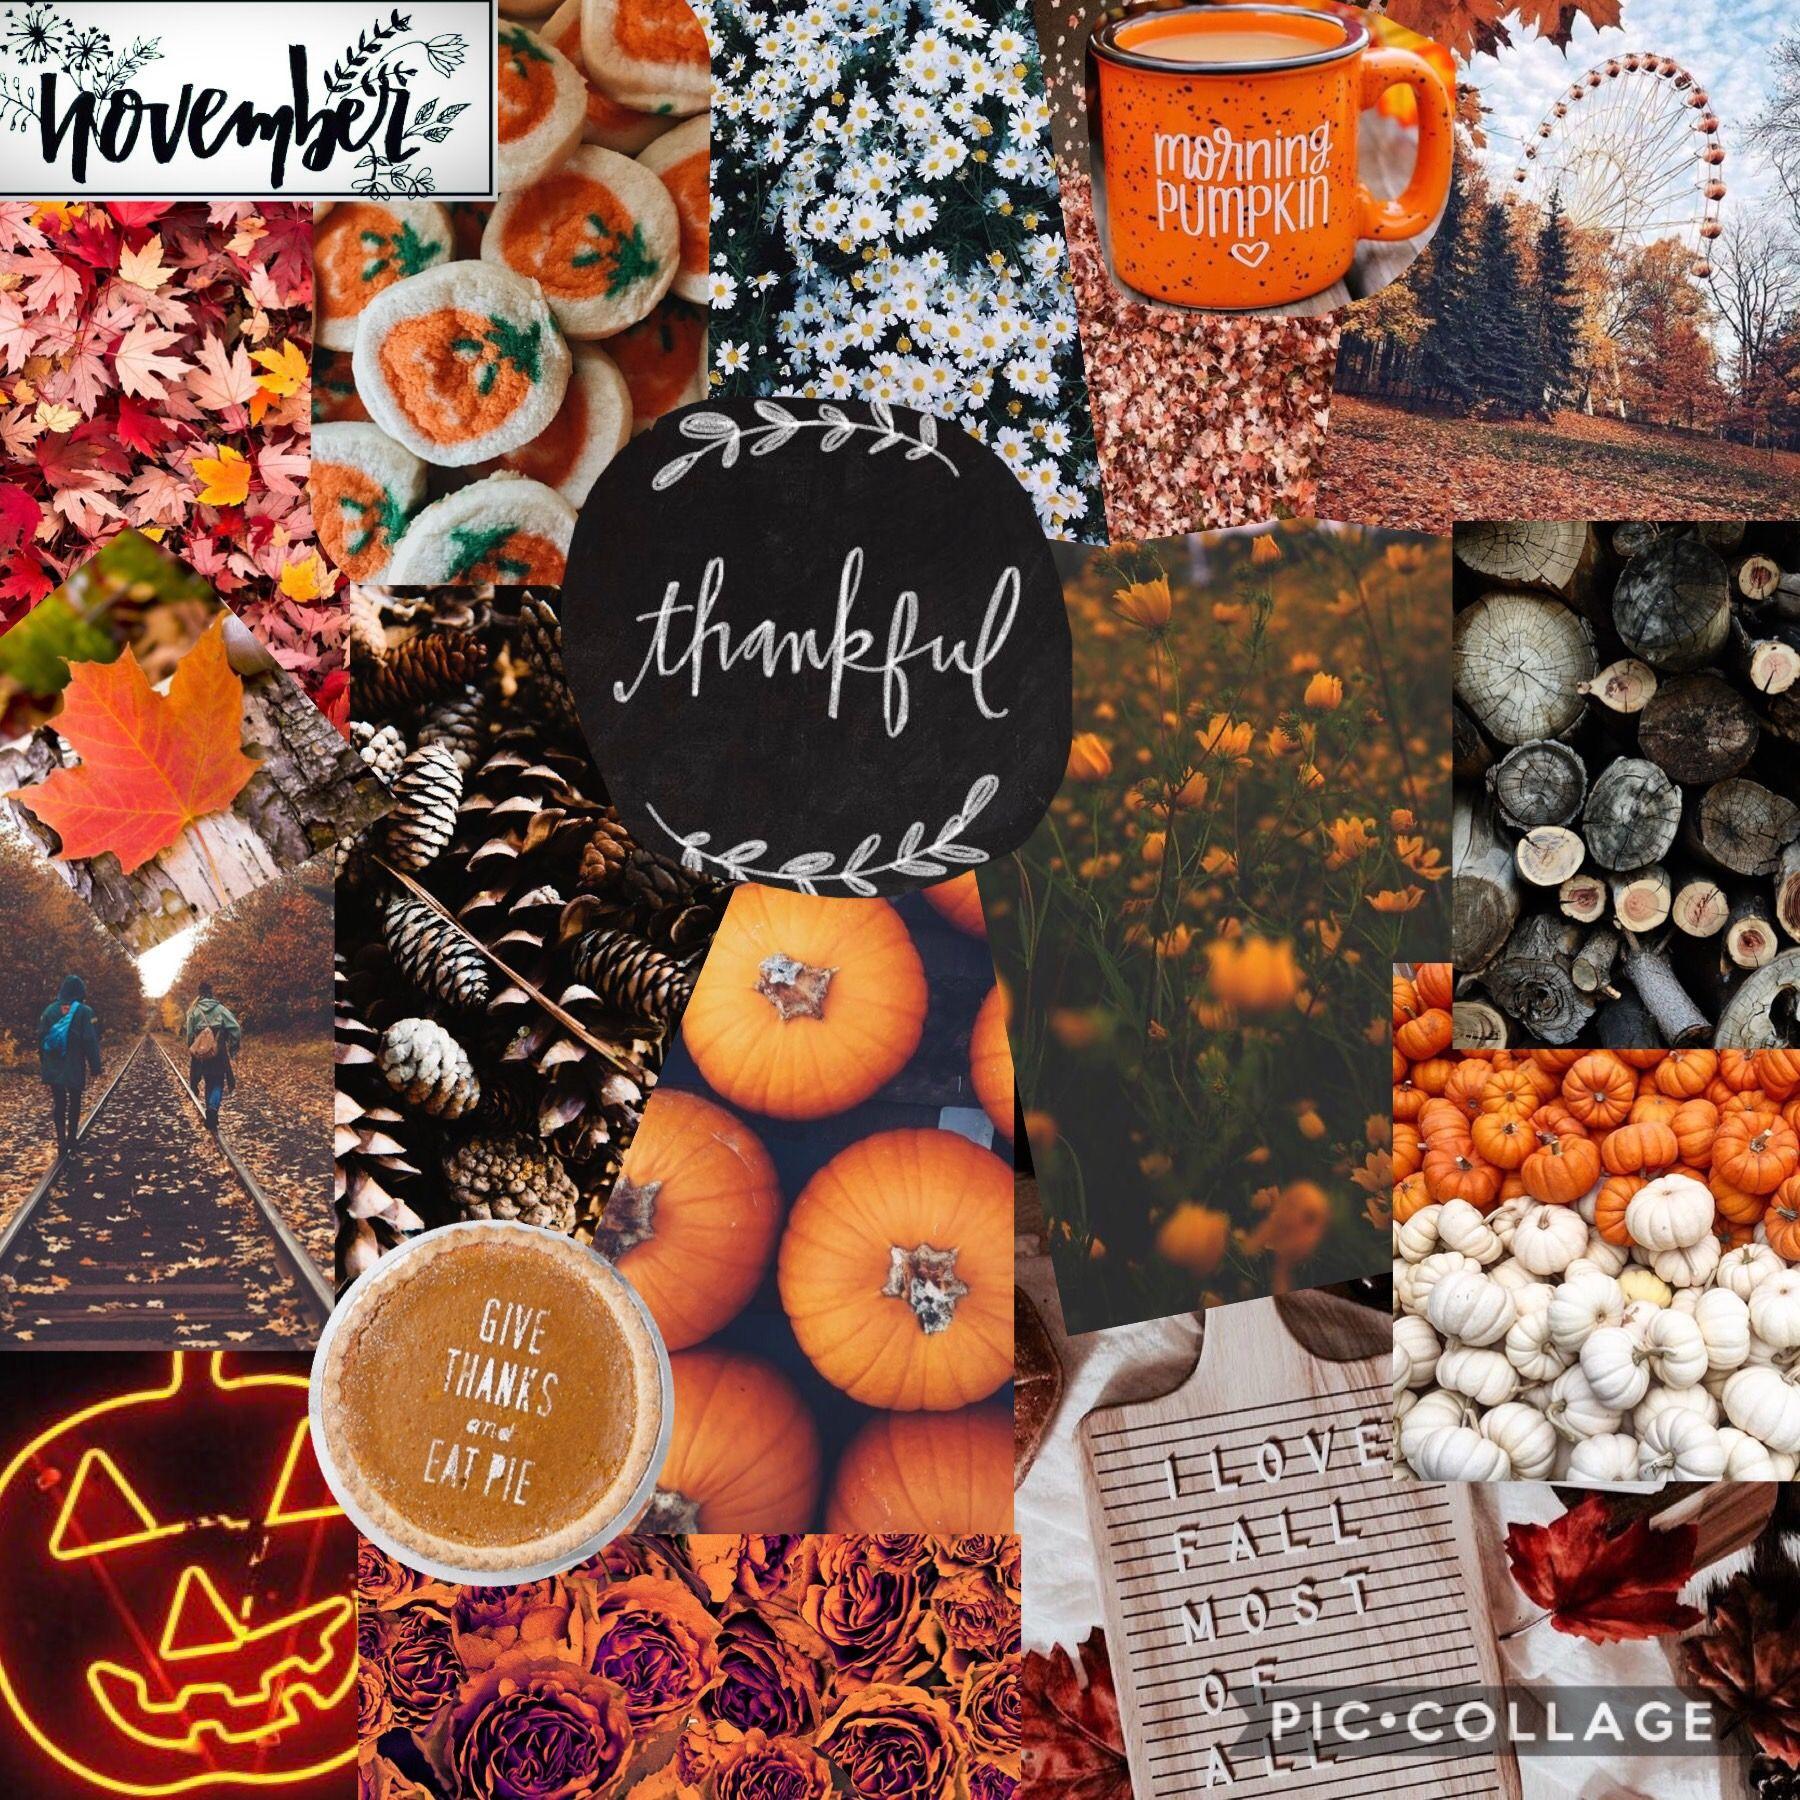 November Aesthetic Collage November Wallpaper Thanksgiving Wallpaper Thanksgiving Collage